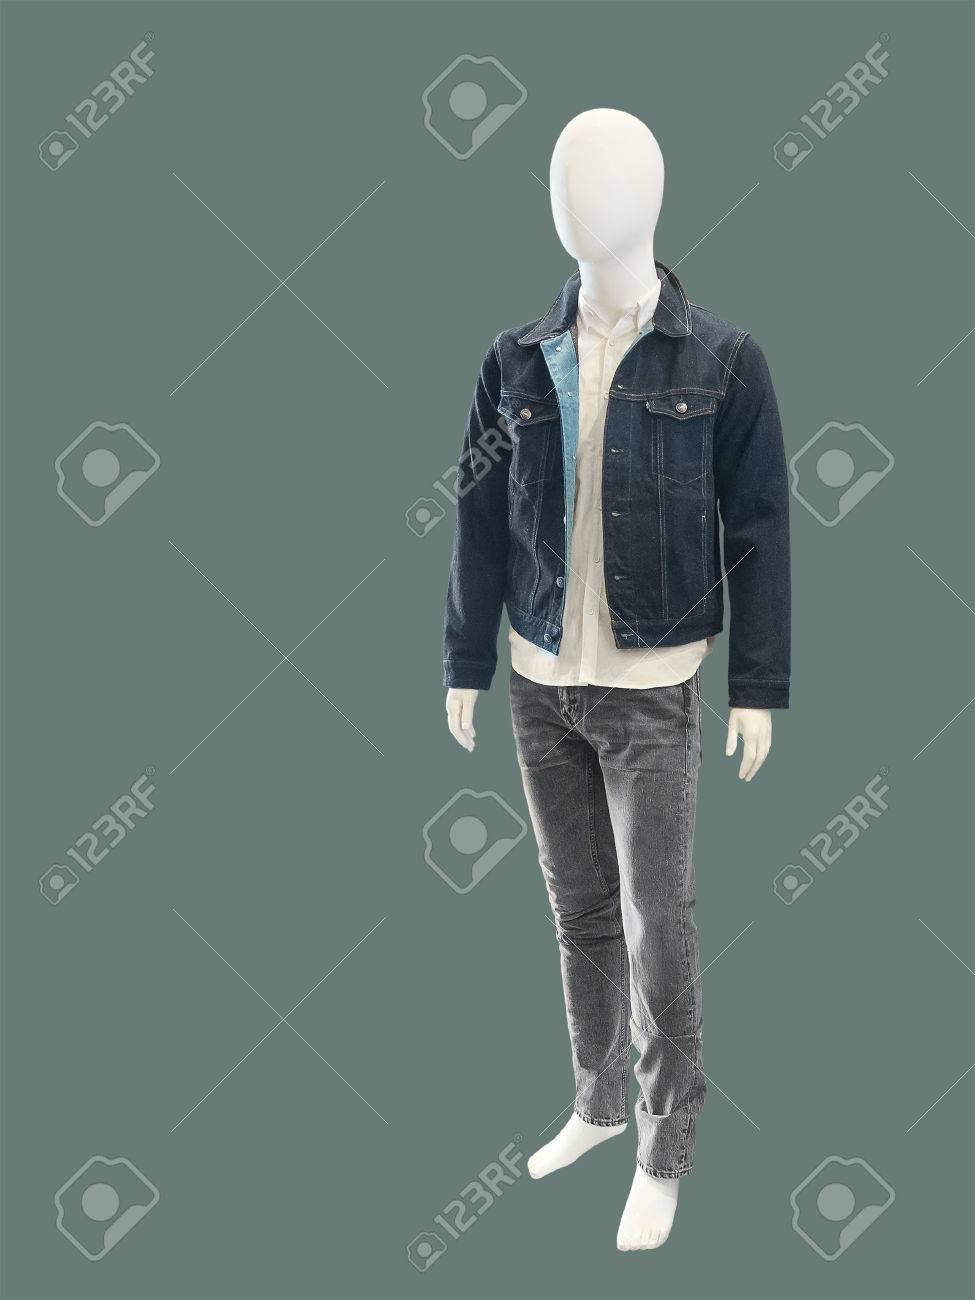 Prendas De Vestir Elegante Y Contemporáneo De La Moda En Maniquí Masculino Aislado No Hay Nombres De Marca U Objetos De Derechos De Autor